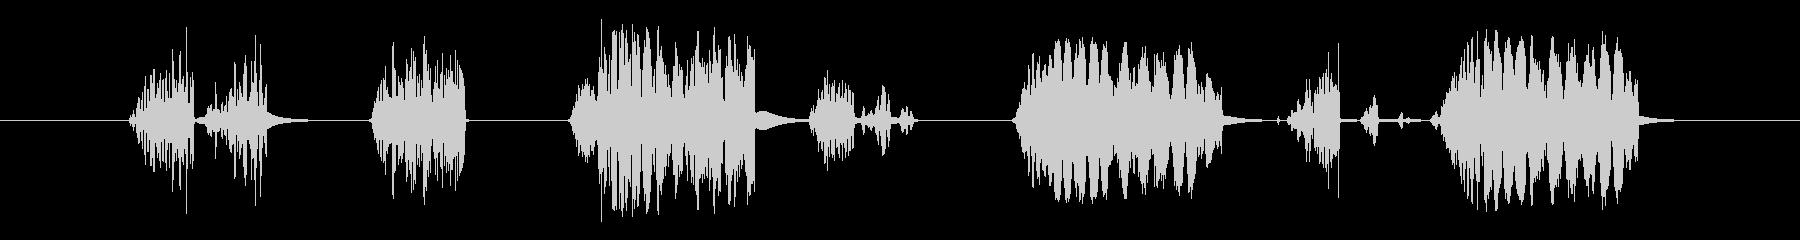 グリッティスタティックサンパーの未再生の波形